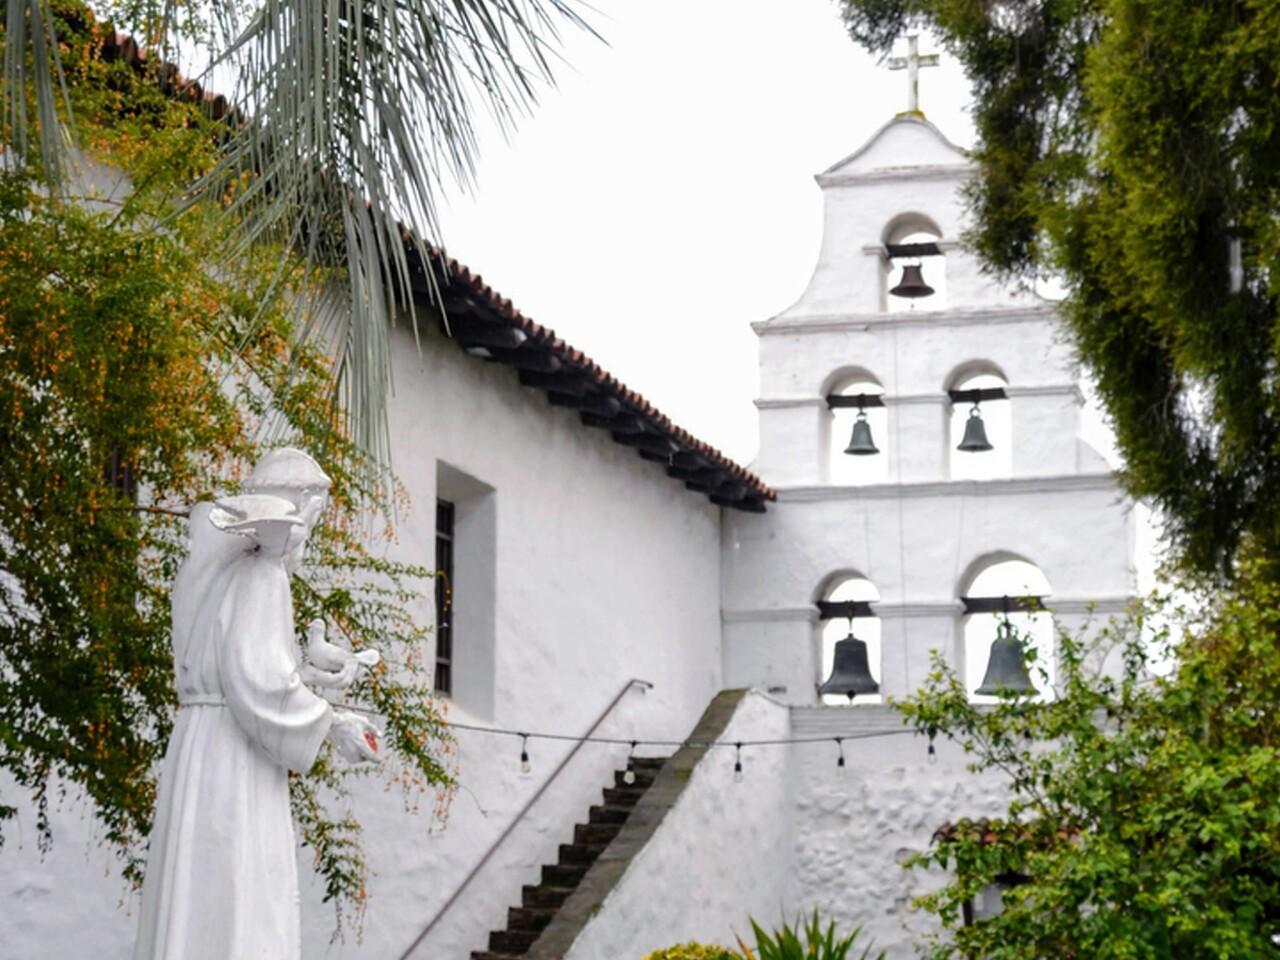 Las campanas de la misión San Diego de Alcalá. La campana en la parte inferior izquierda es Mater Dolorosa, Nuestra Señora de los Dolores, de 1,200 libras, la más pesada de las cinco. Fue refundido en la década de 1890. Suena a diario. La estatua a la izquierda es San Francisco.